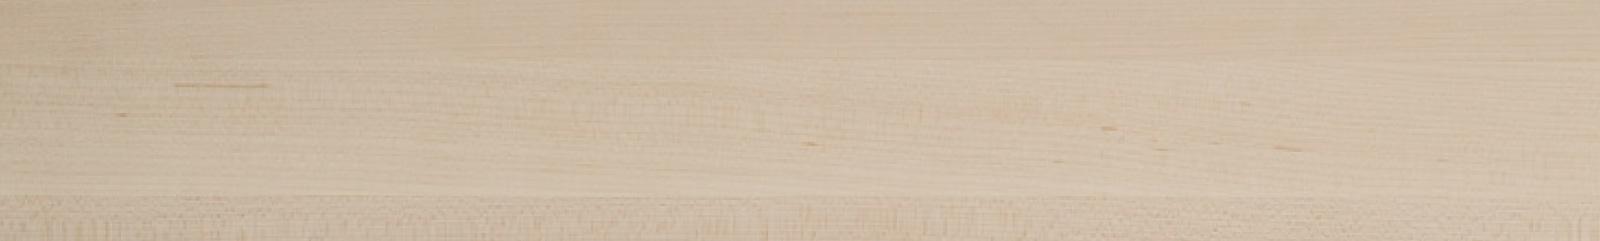 Laminé sur quartier - Composantes pour manche de guitare - Champeau L'excellence en bois franc